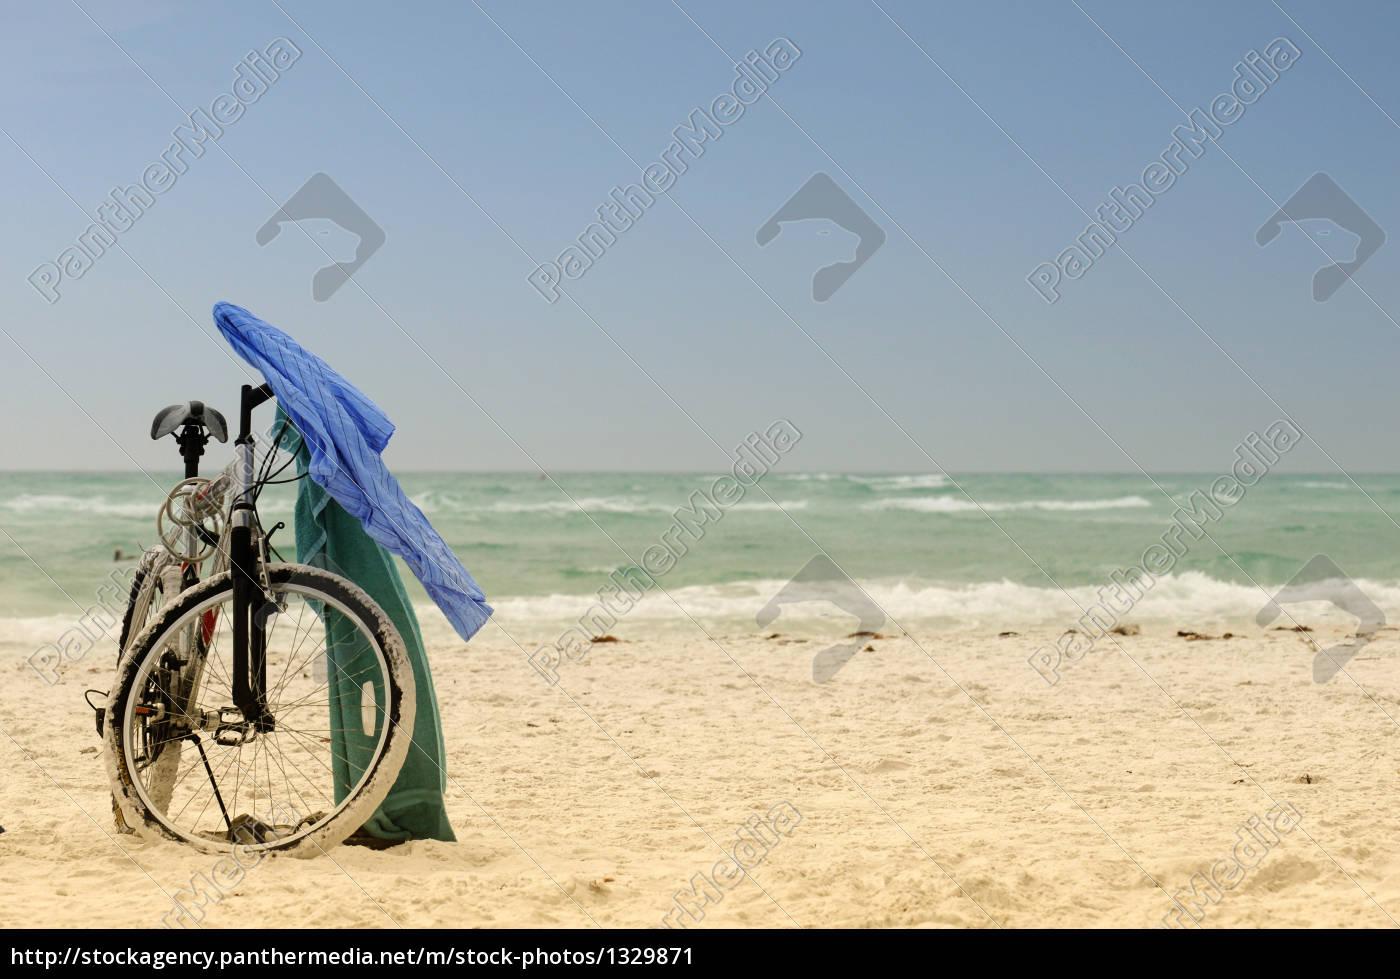 wheel, on, the, beach - 1329871